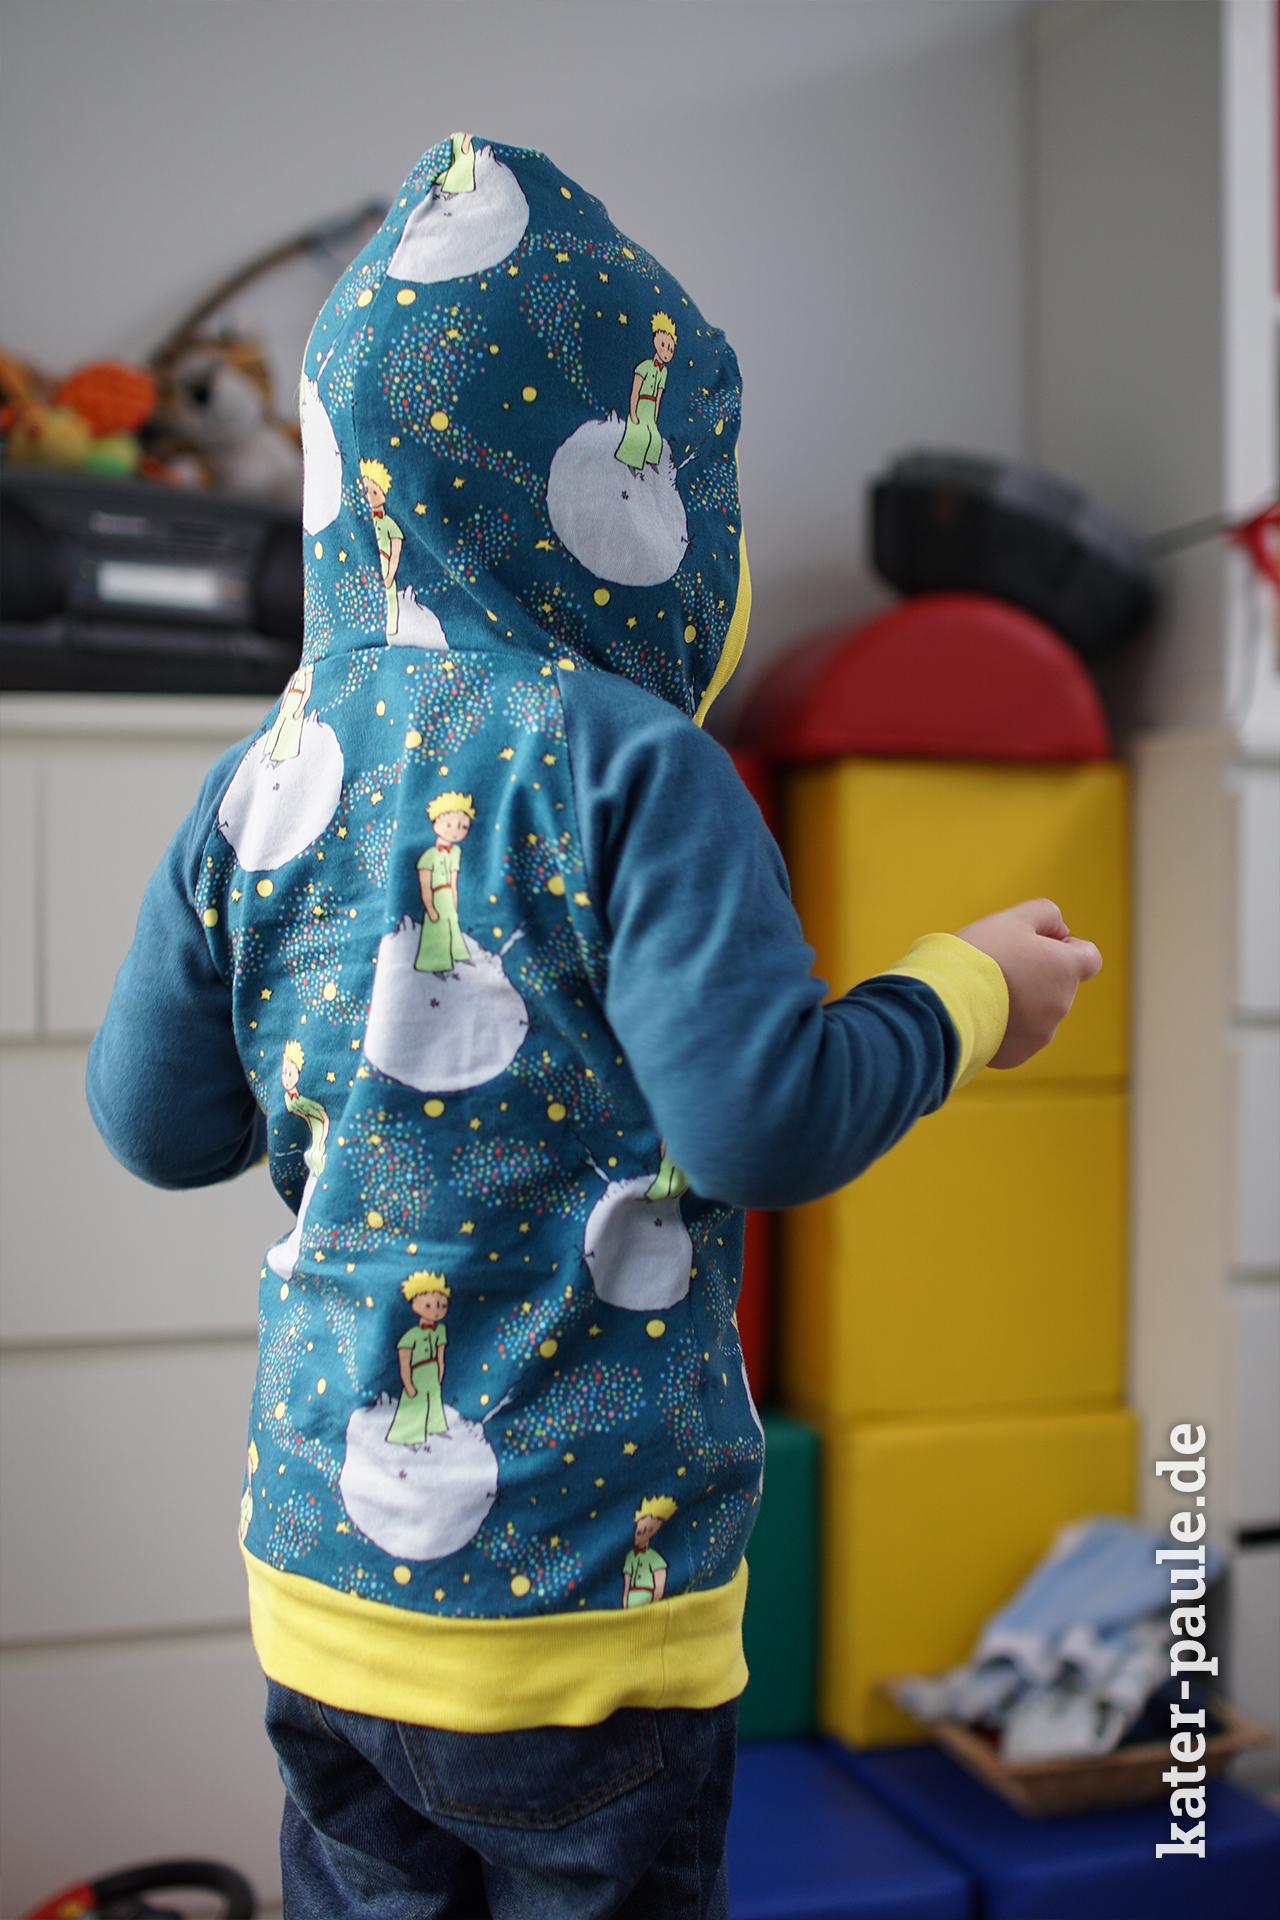 """Raglanpullover nach dem Schnittmuster Svensson in der Hoddie-Variante aus dem """"Der kleine Prinz"""" Jersey, eine Eigenproduktion von EvLi's Needle in Petrol // Kater Paule / Svensson / Raglanpullover / Hoodie / Der kleine Prinz / EvLi's Needle / Kinderkleidung / Pullover / Longsleeve / Jersey / Nähgedöns"""